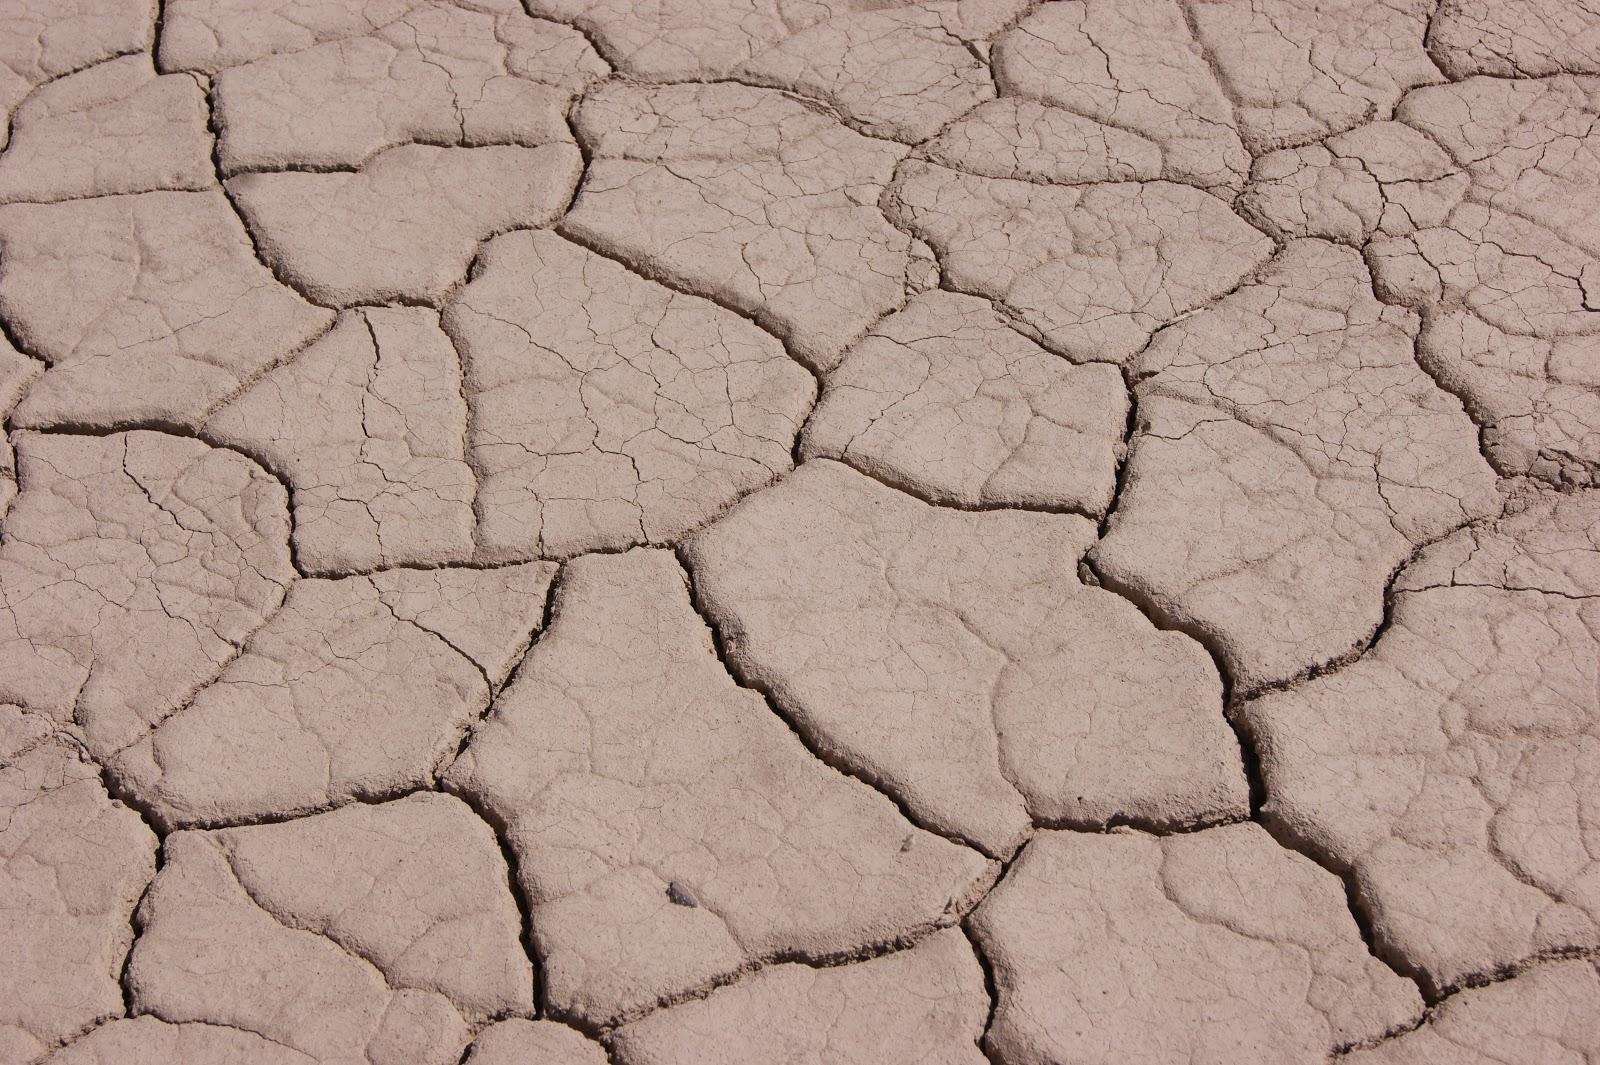 El moderno prometeo suelos componentes y horizontes for Suelo besar el suelo xd